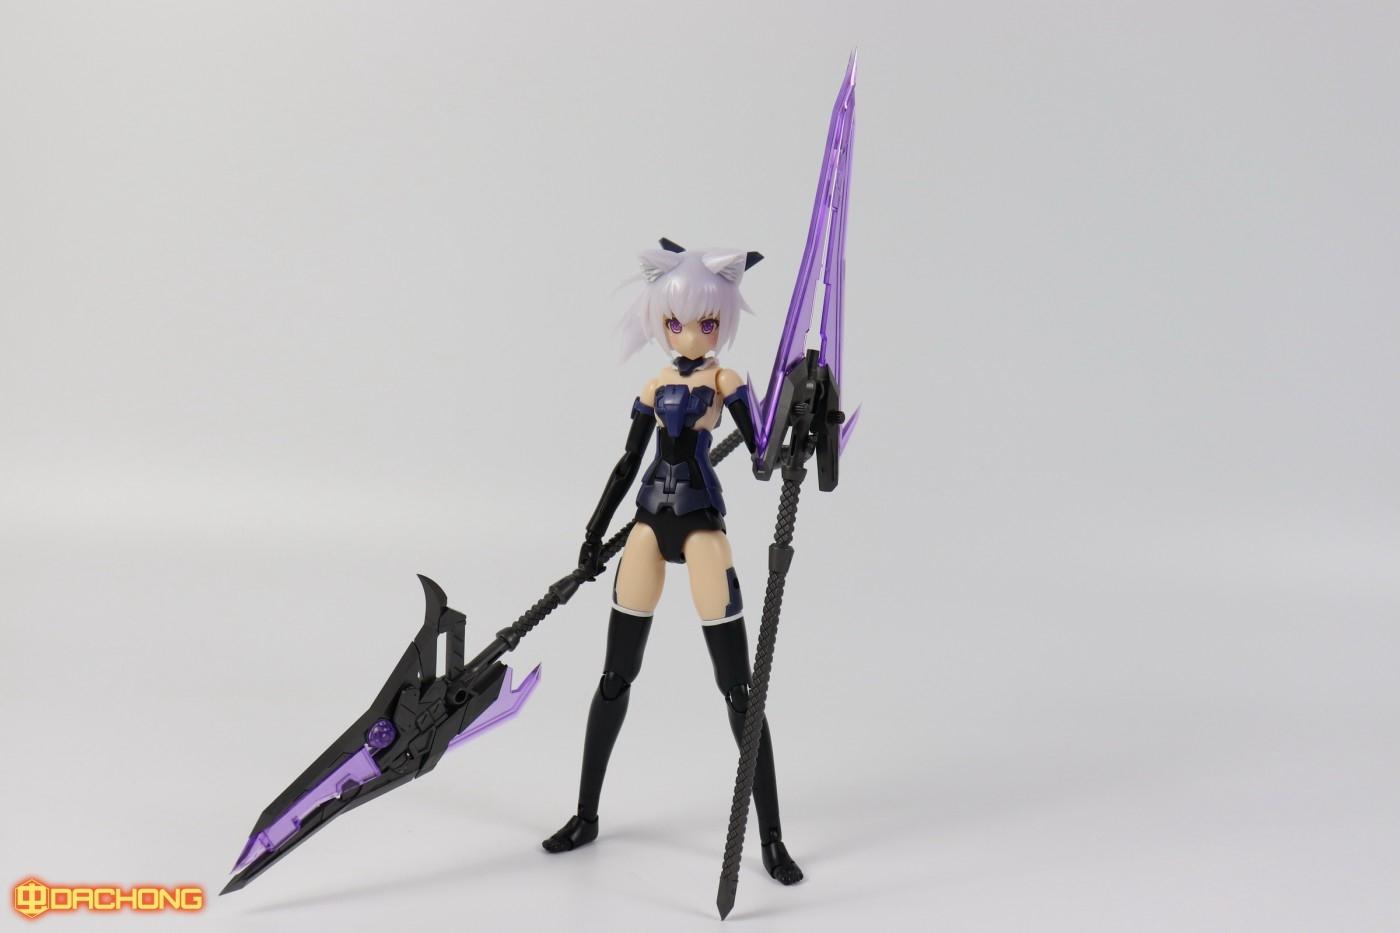 S273_Pretty_Armor_inask_041.jpg